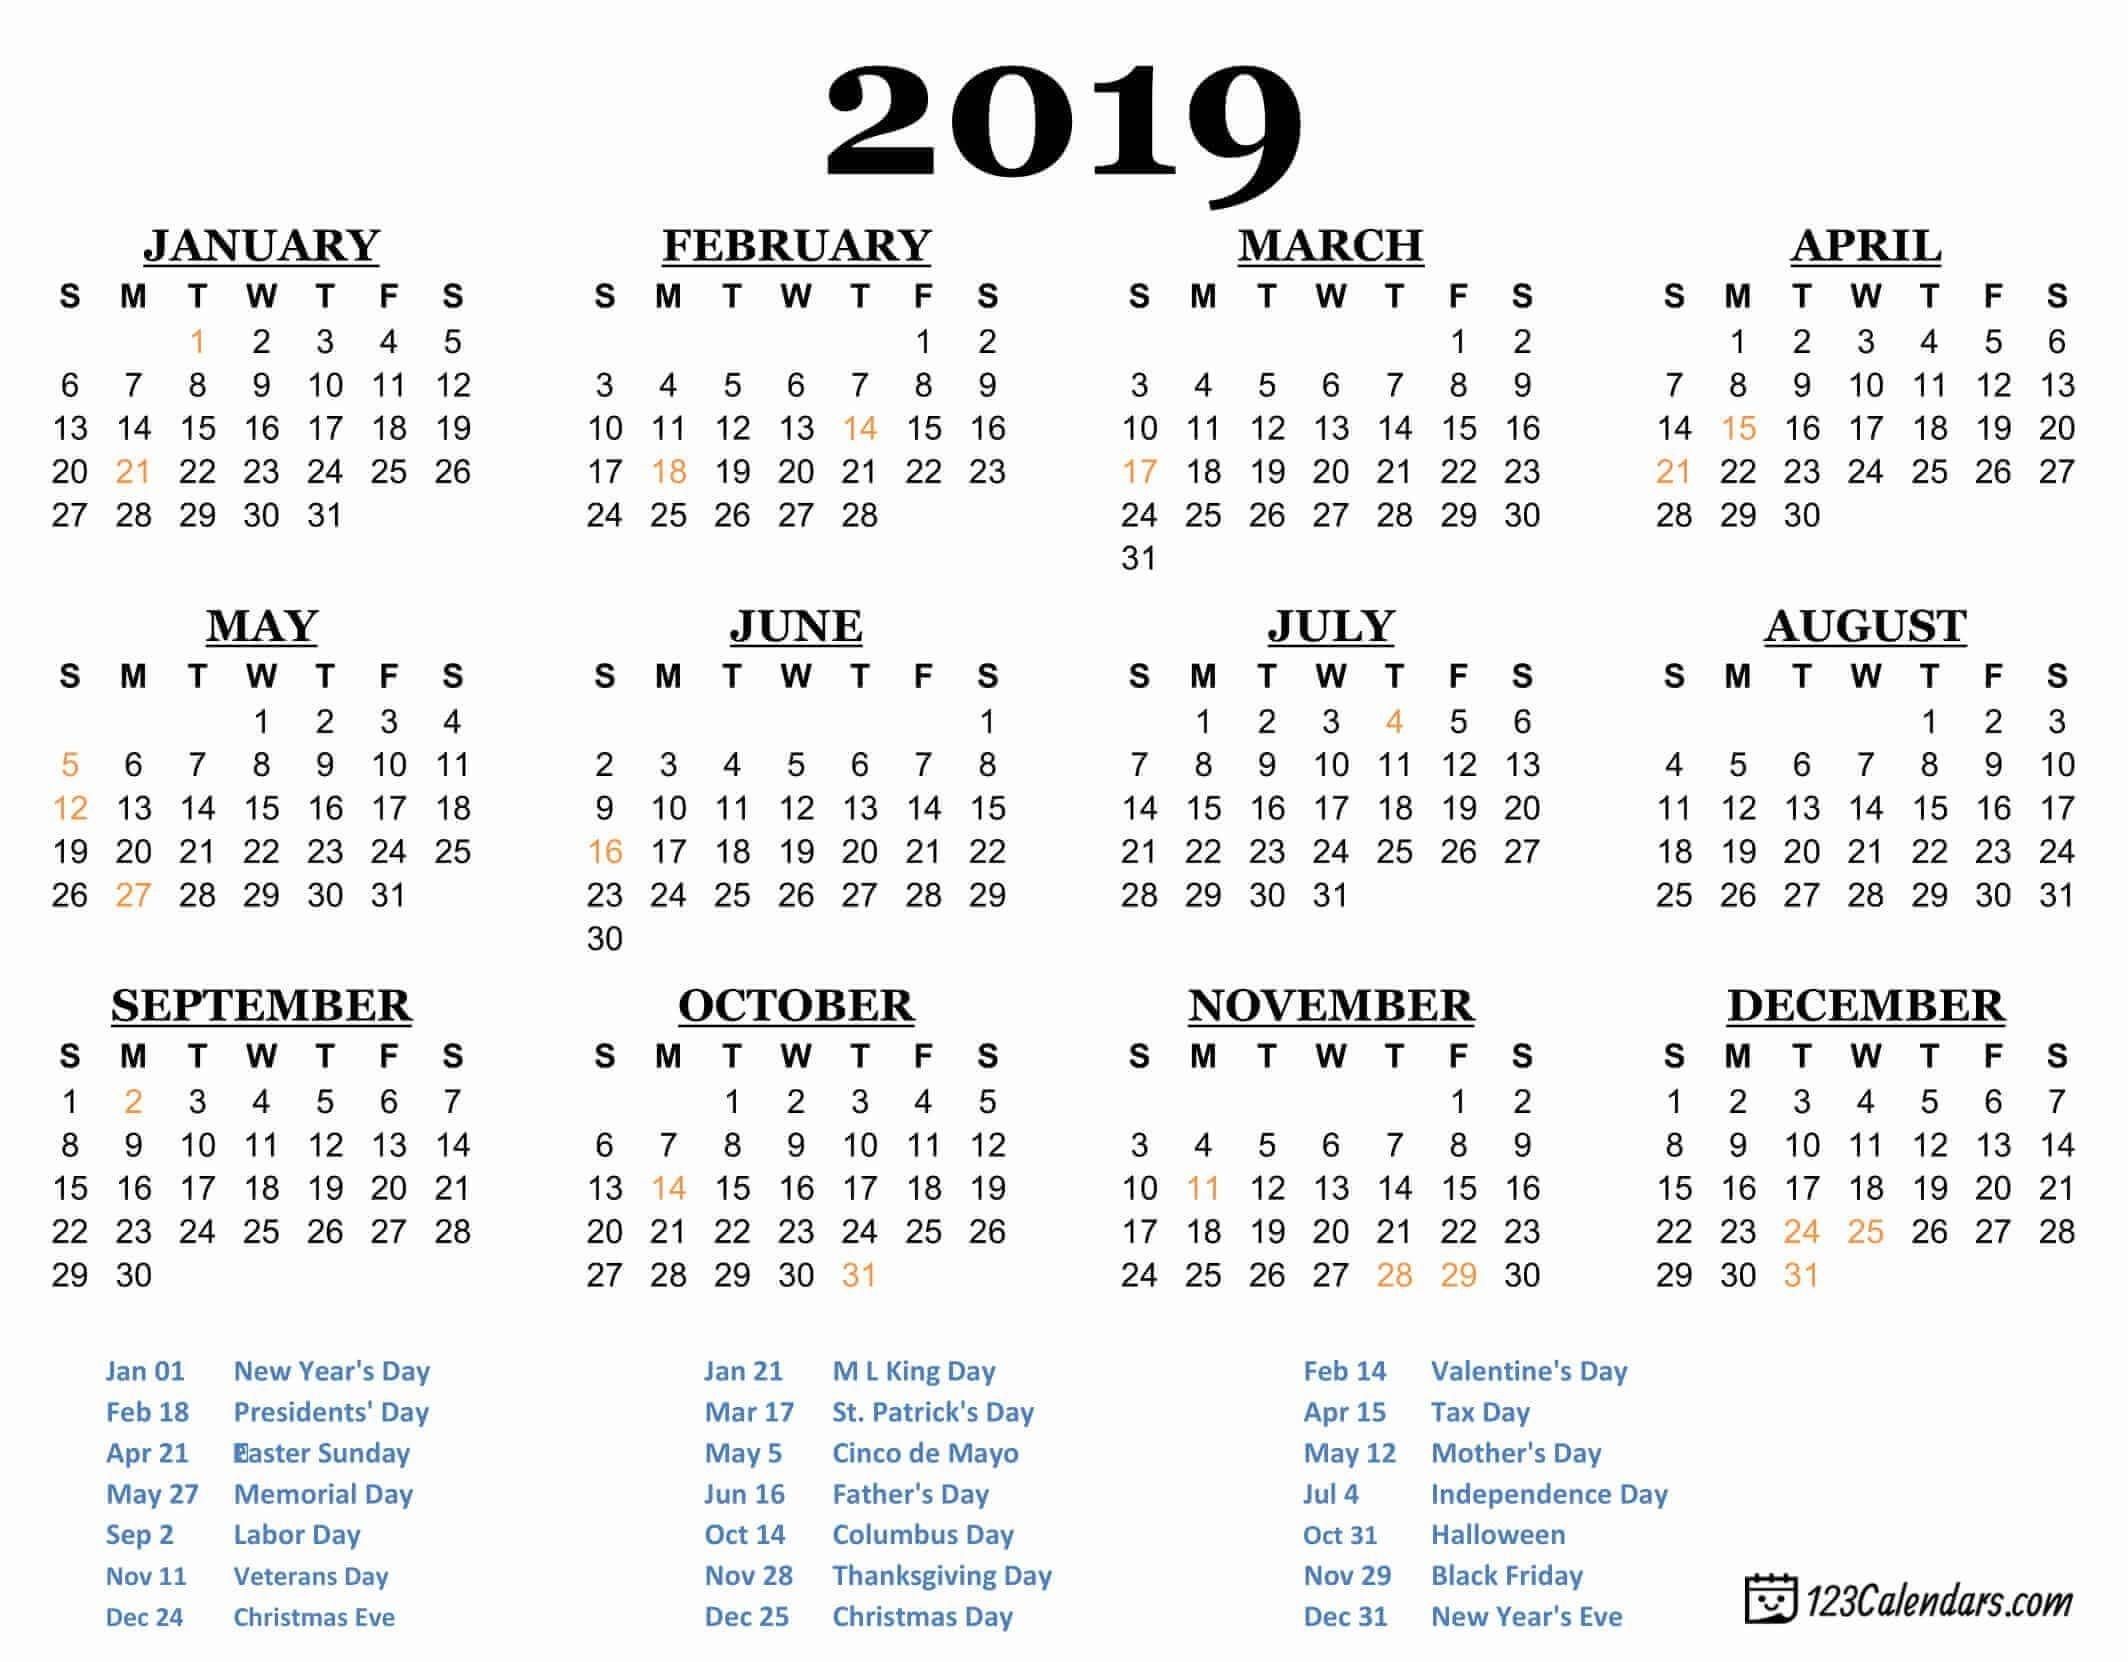 Free Printable Calendar 2019 In Pdf, Word, Excel | Printable